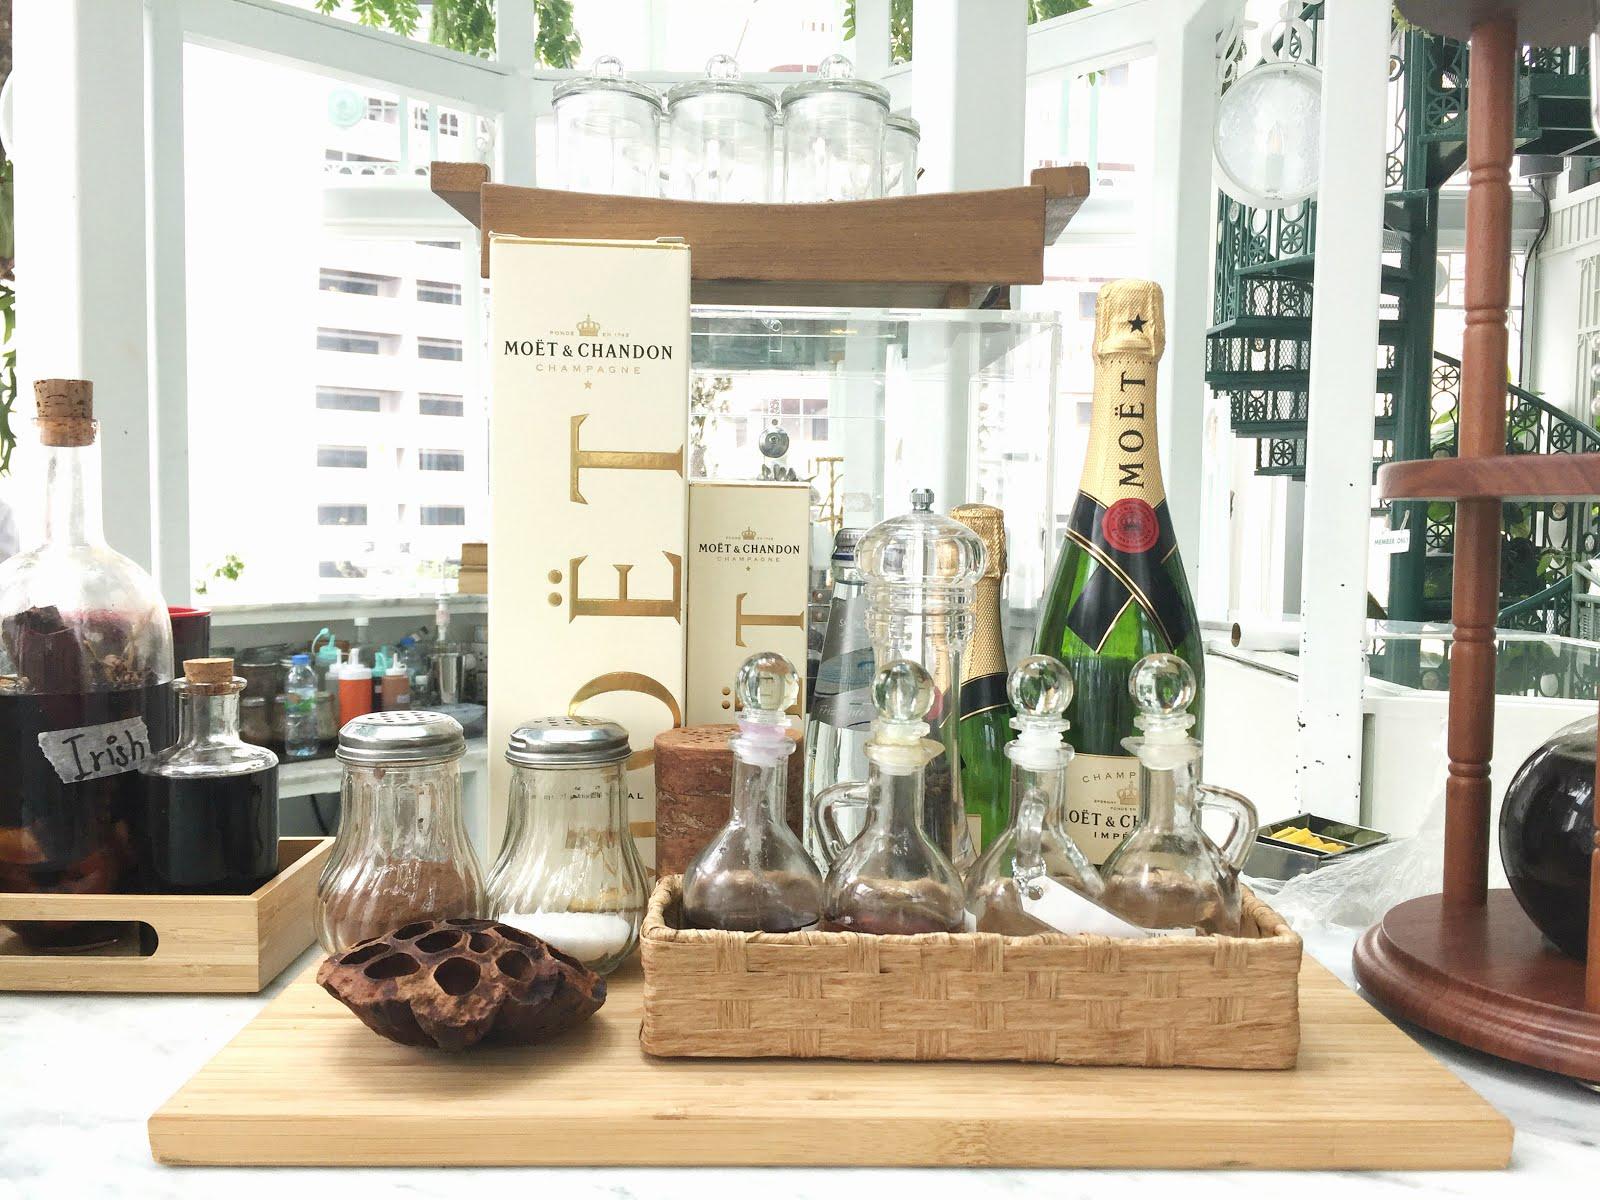 Bangkok cafe hopping - Part 2 Reviews